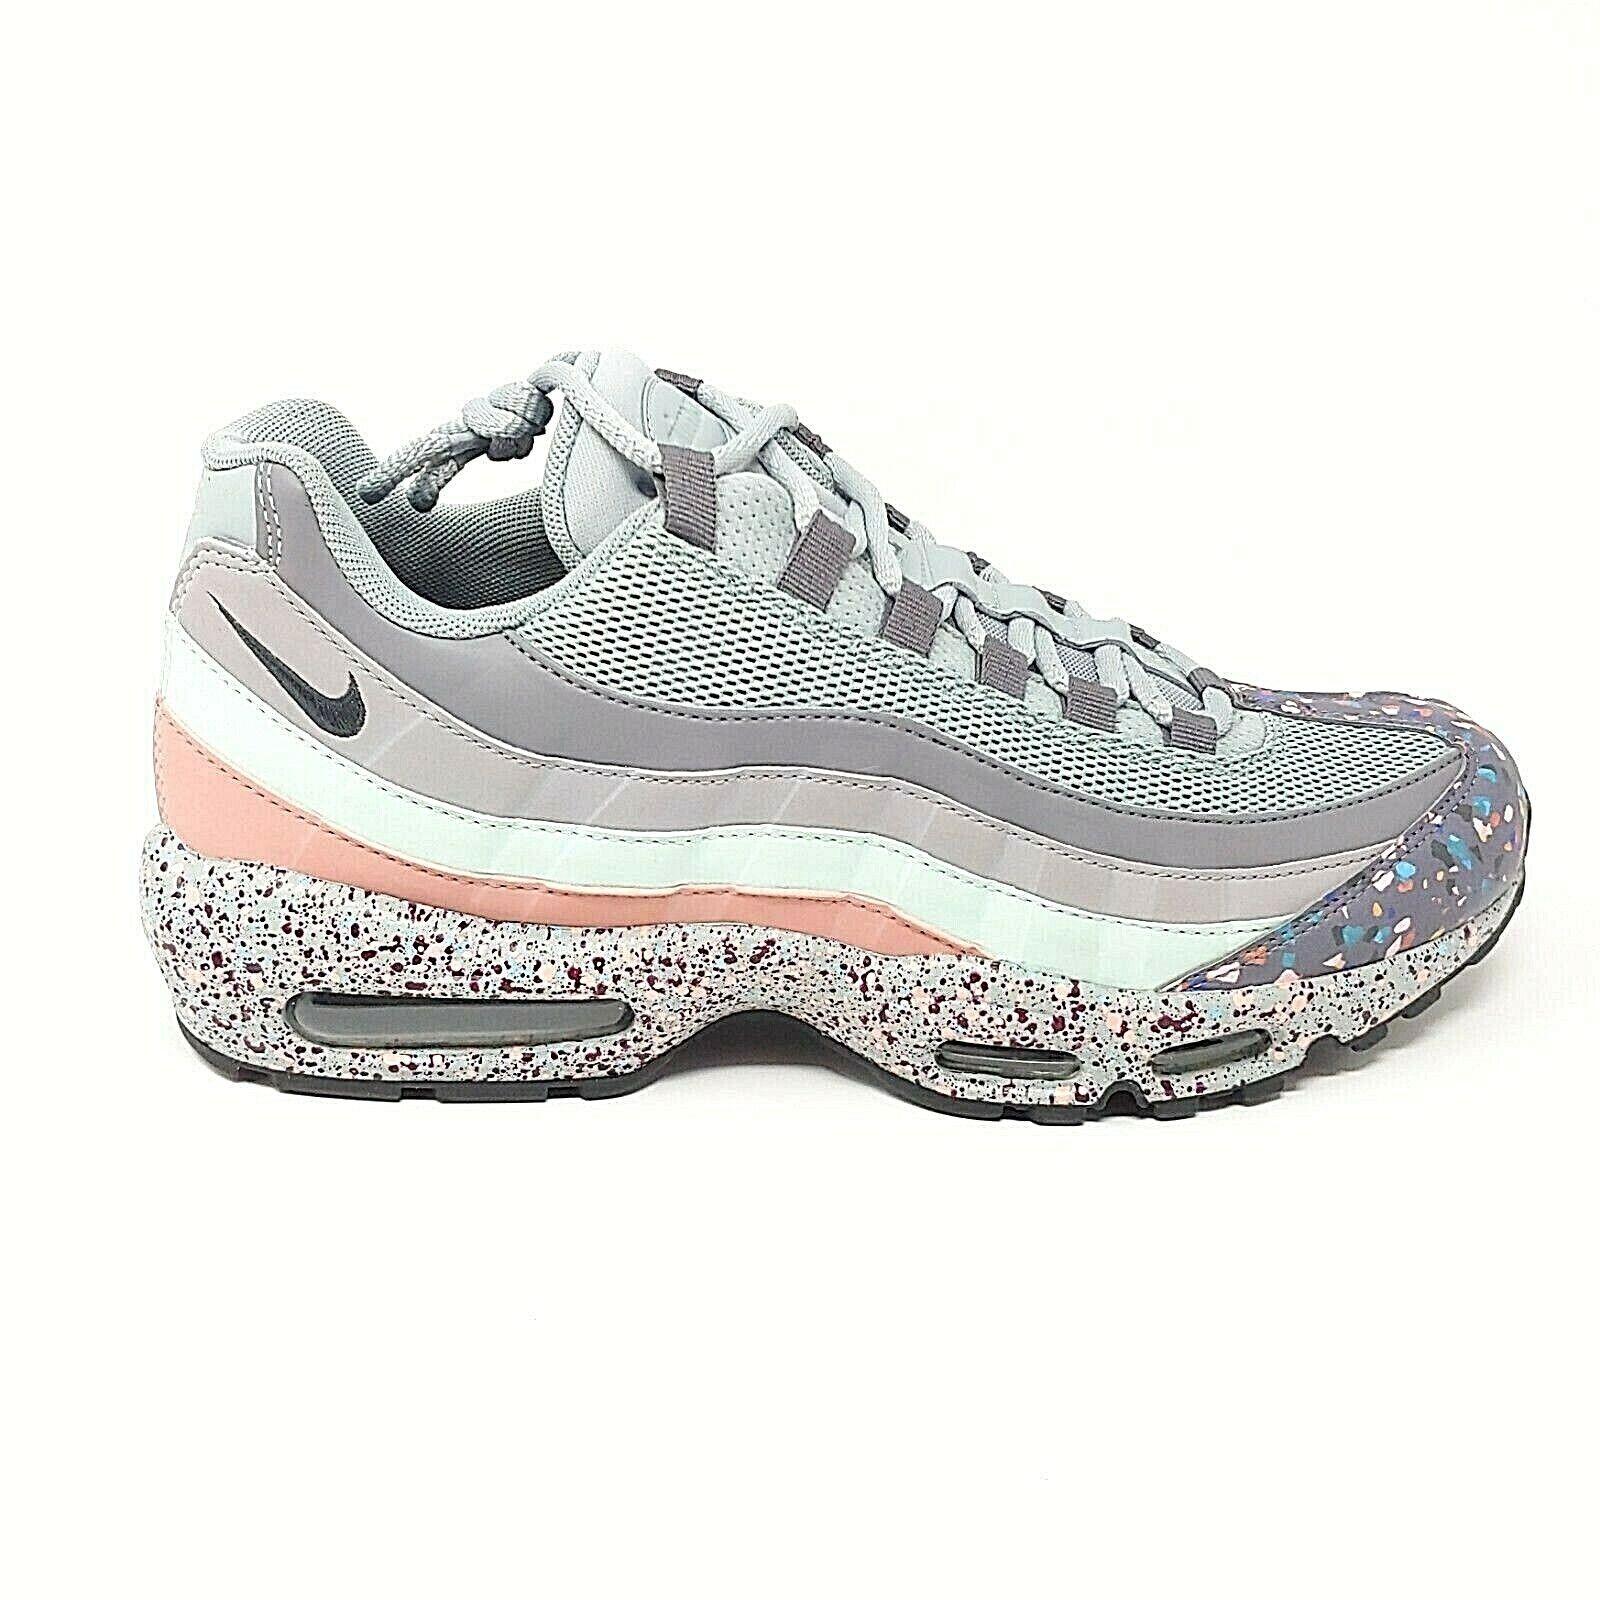 Nike Air Max 95 95 95 Se Confeti Claro Pómez Antracita Gunsmoke Zapatos Mujer Talla 11  barato